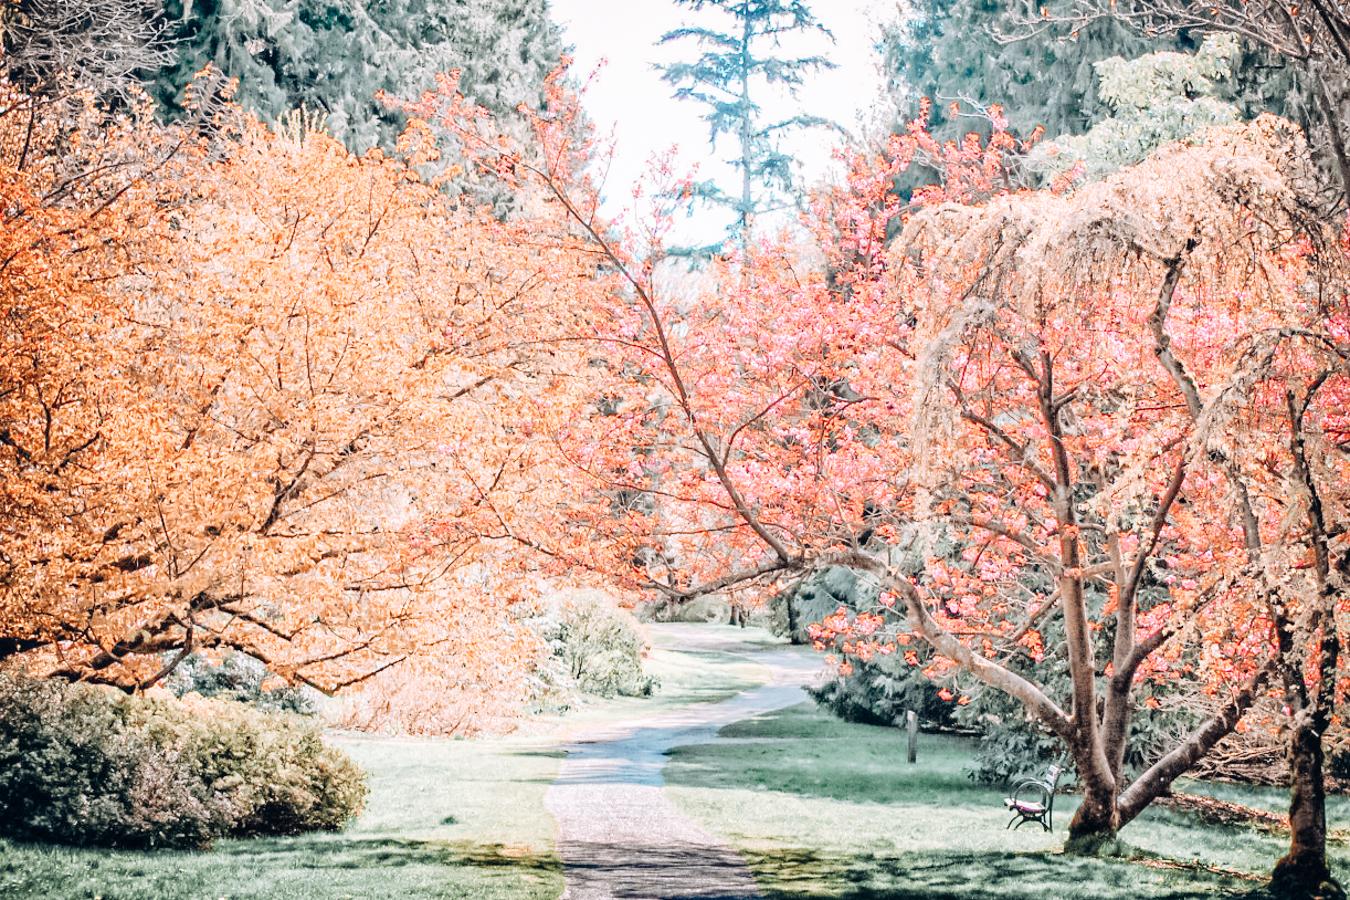 Nature at the arboretum in Seattle